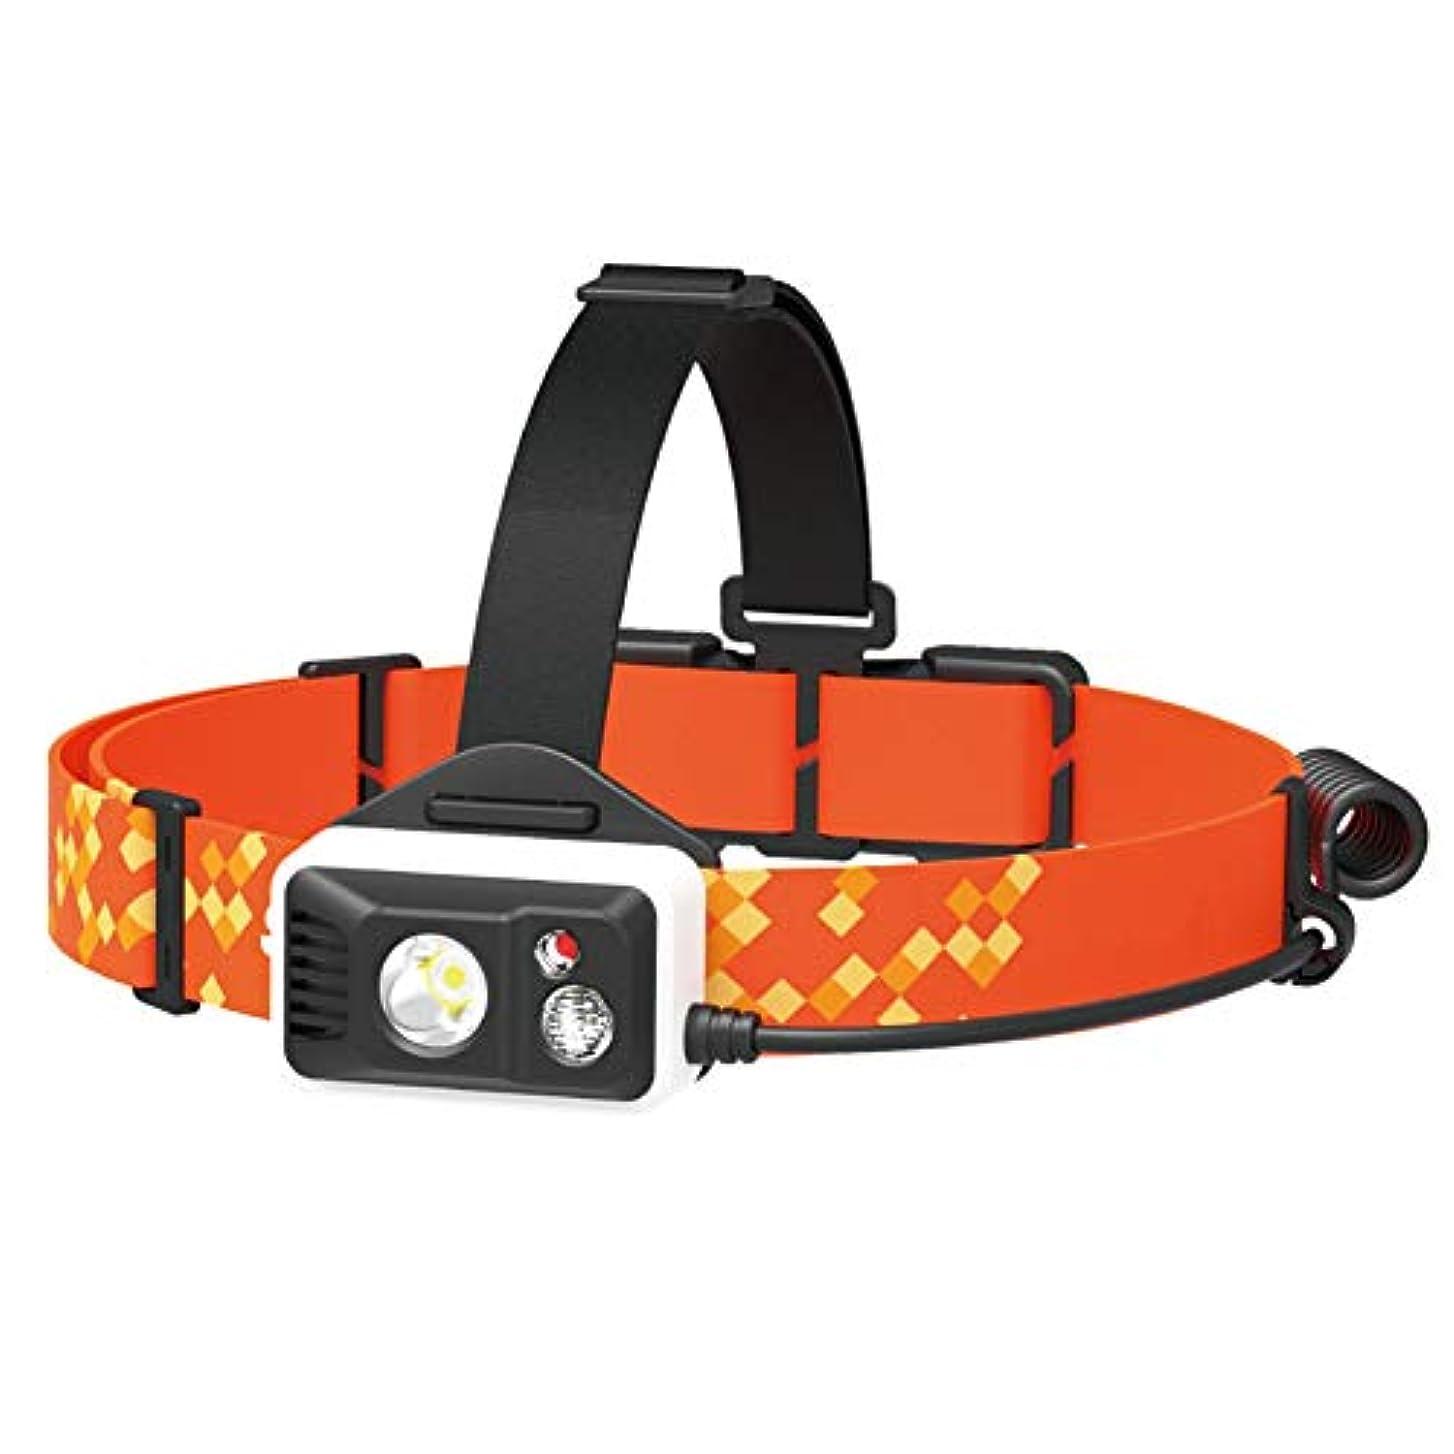 モディッシュ排除する道徳MIC LEDヘッドライト USB充電式ヘッドランプ IPX6防水 高輝度380ルーメン 放熱付き アウトドア/ランニング/登山/夜釣り/自転車/防災/作業用